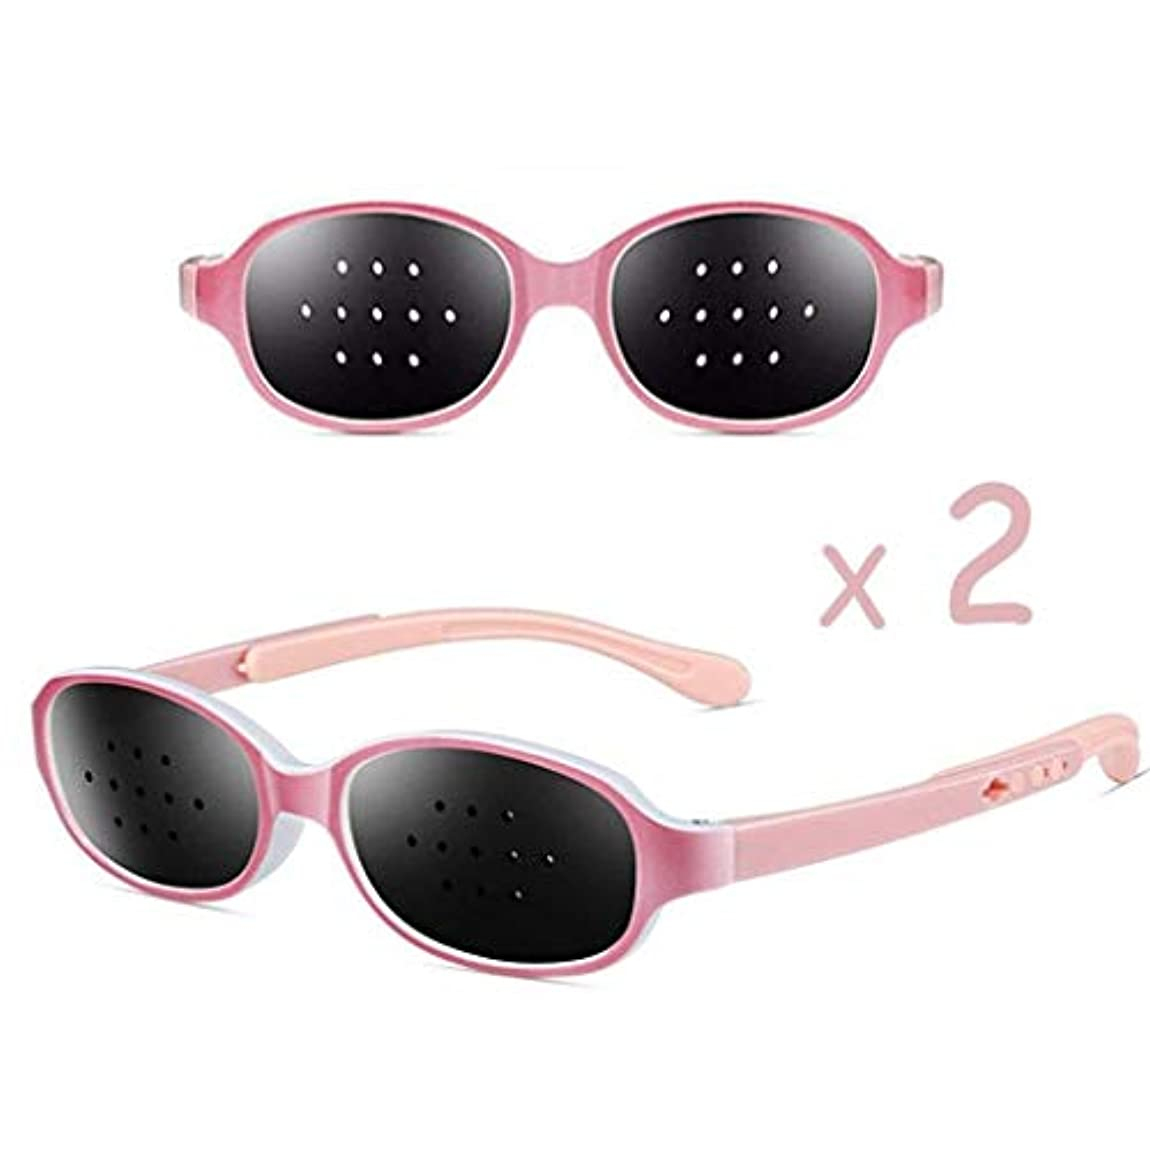 落ち込んでいる特徴づけるマスクユニセックス視力ビジョンケアビジョンピンホールメガネアイズエクササイズファッションナチュラル (Color : ピンク)